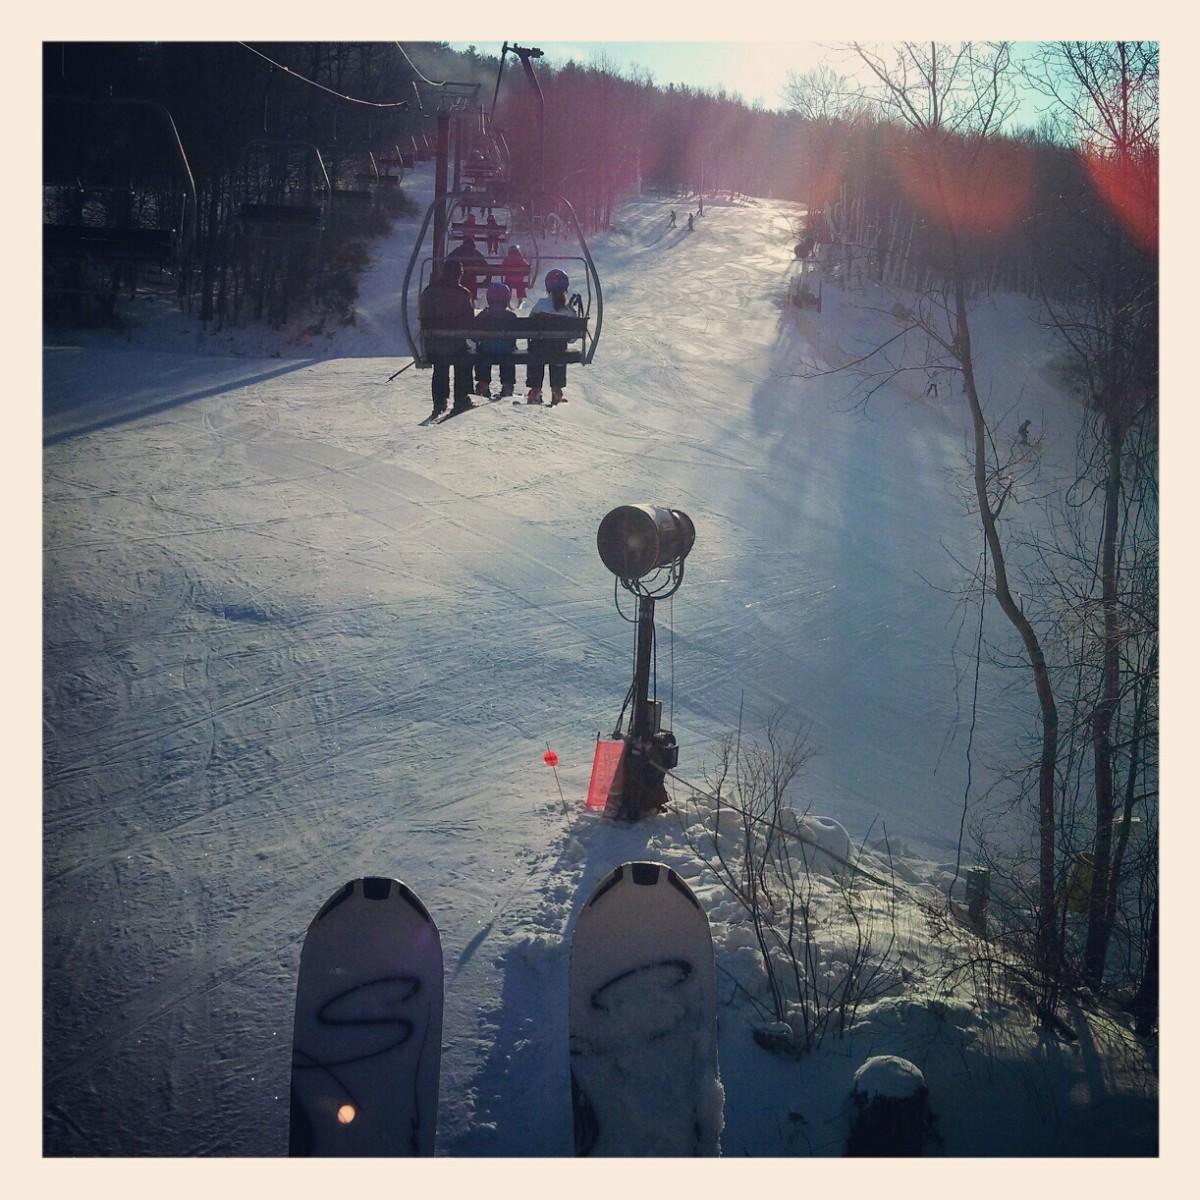 family ski fun